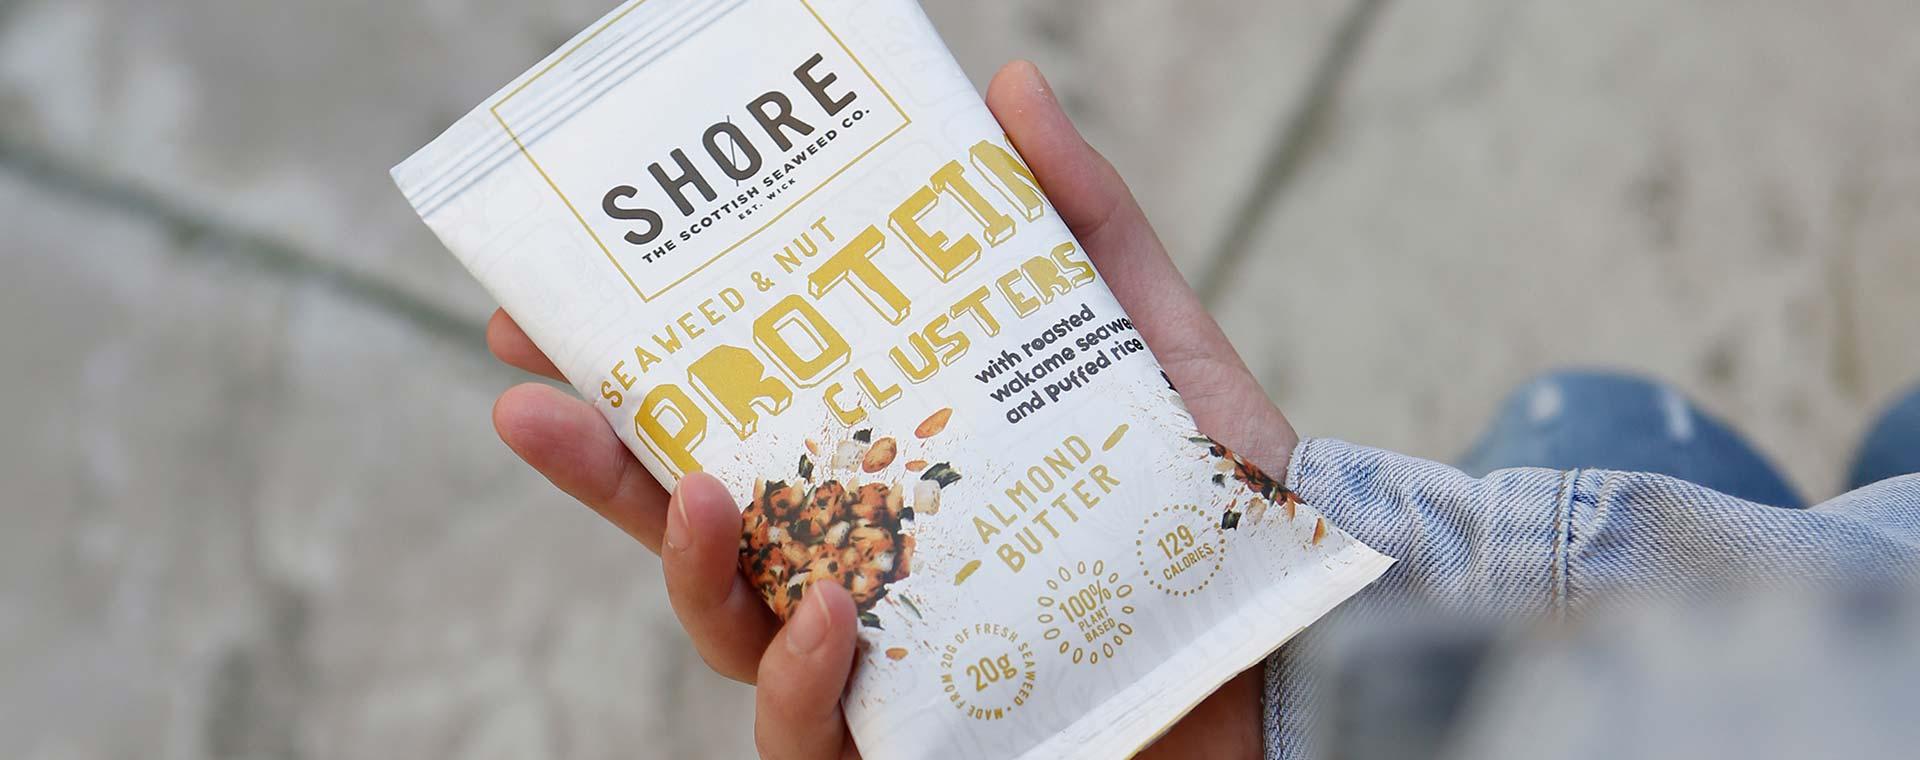 Shore_Seaweed_Clusters